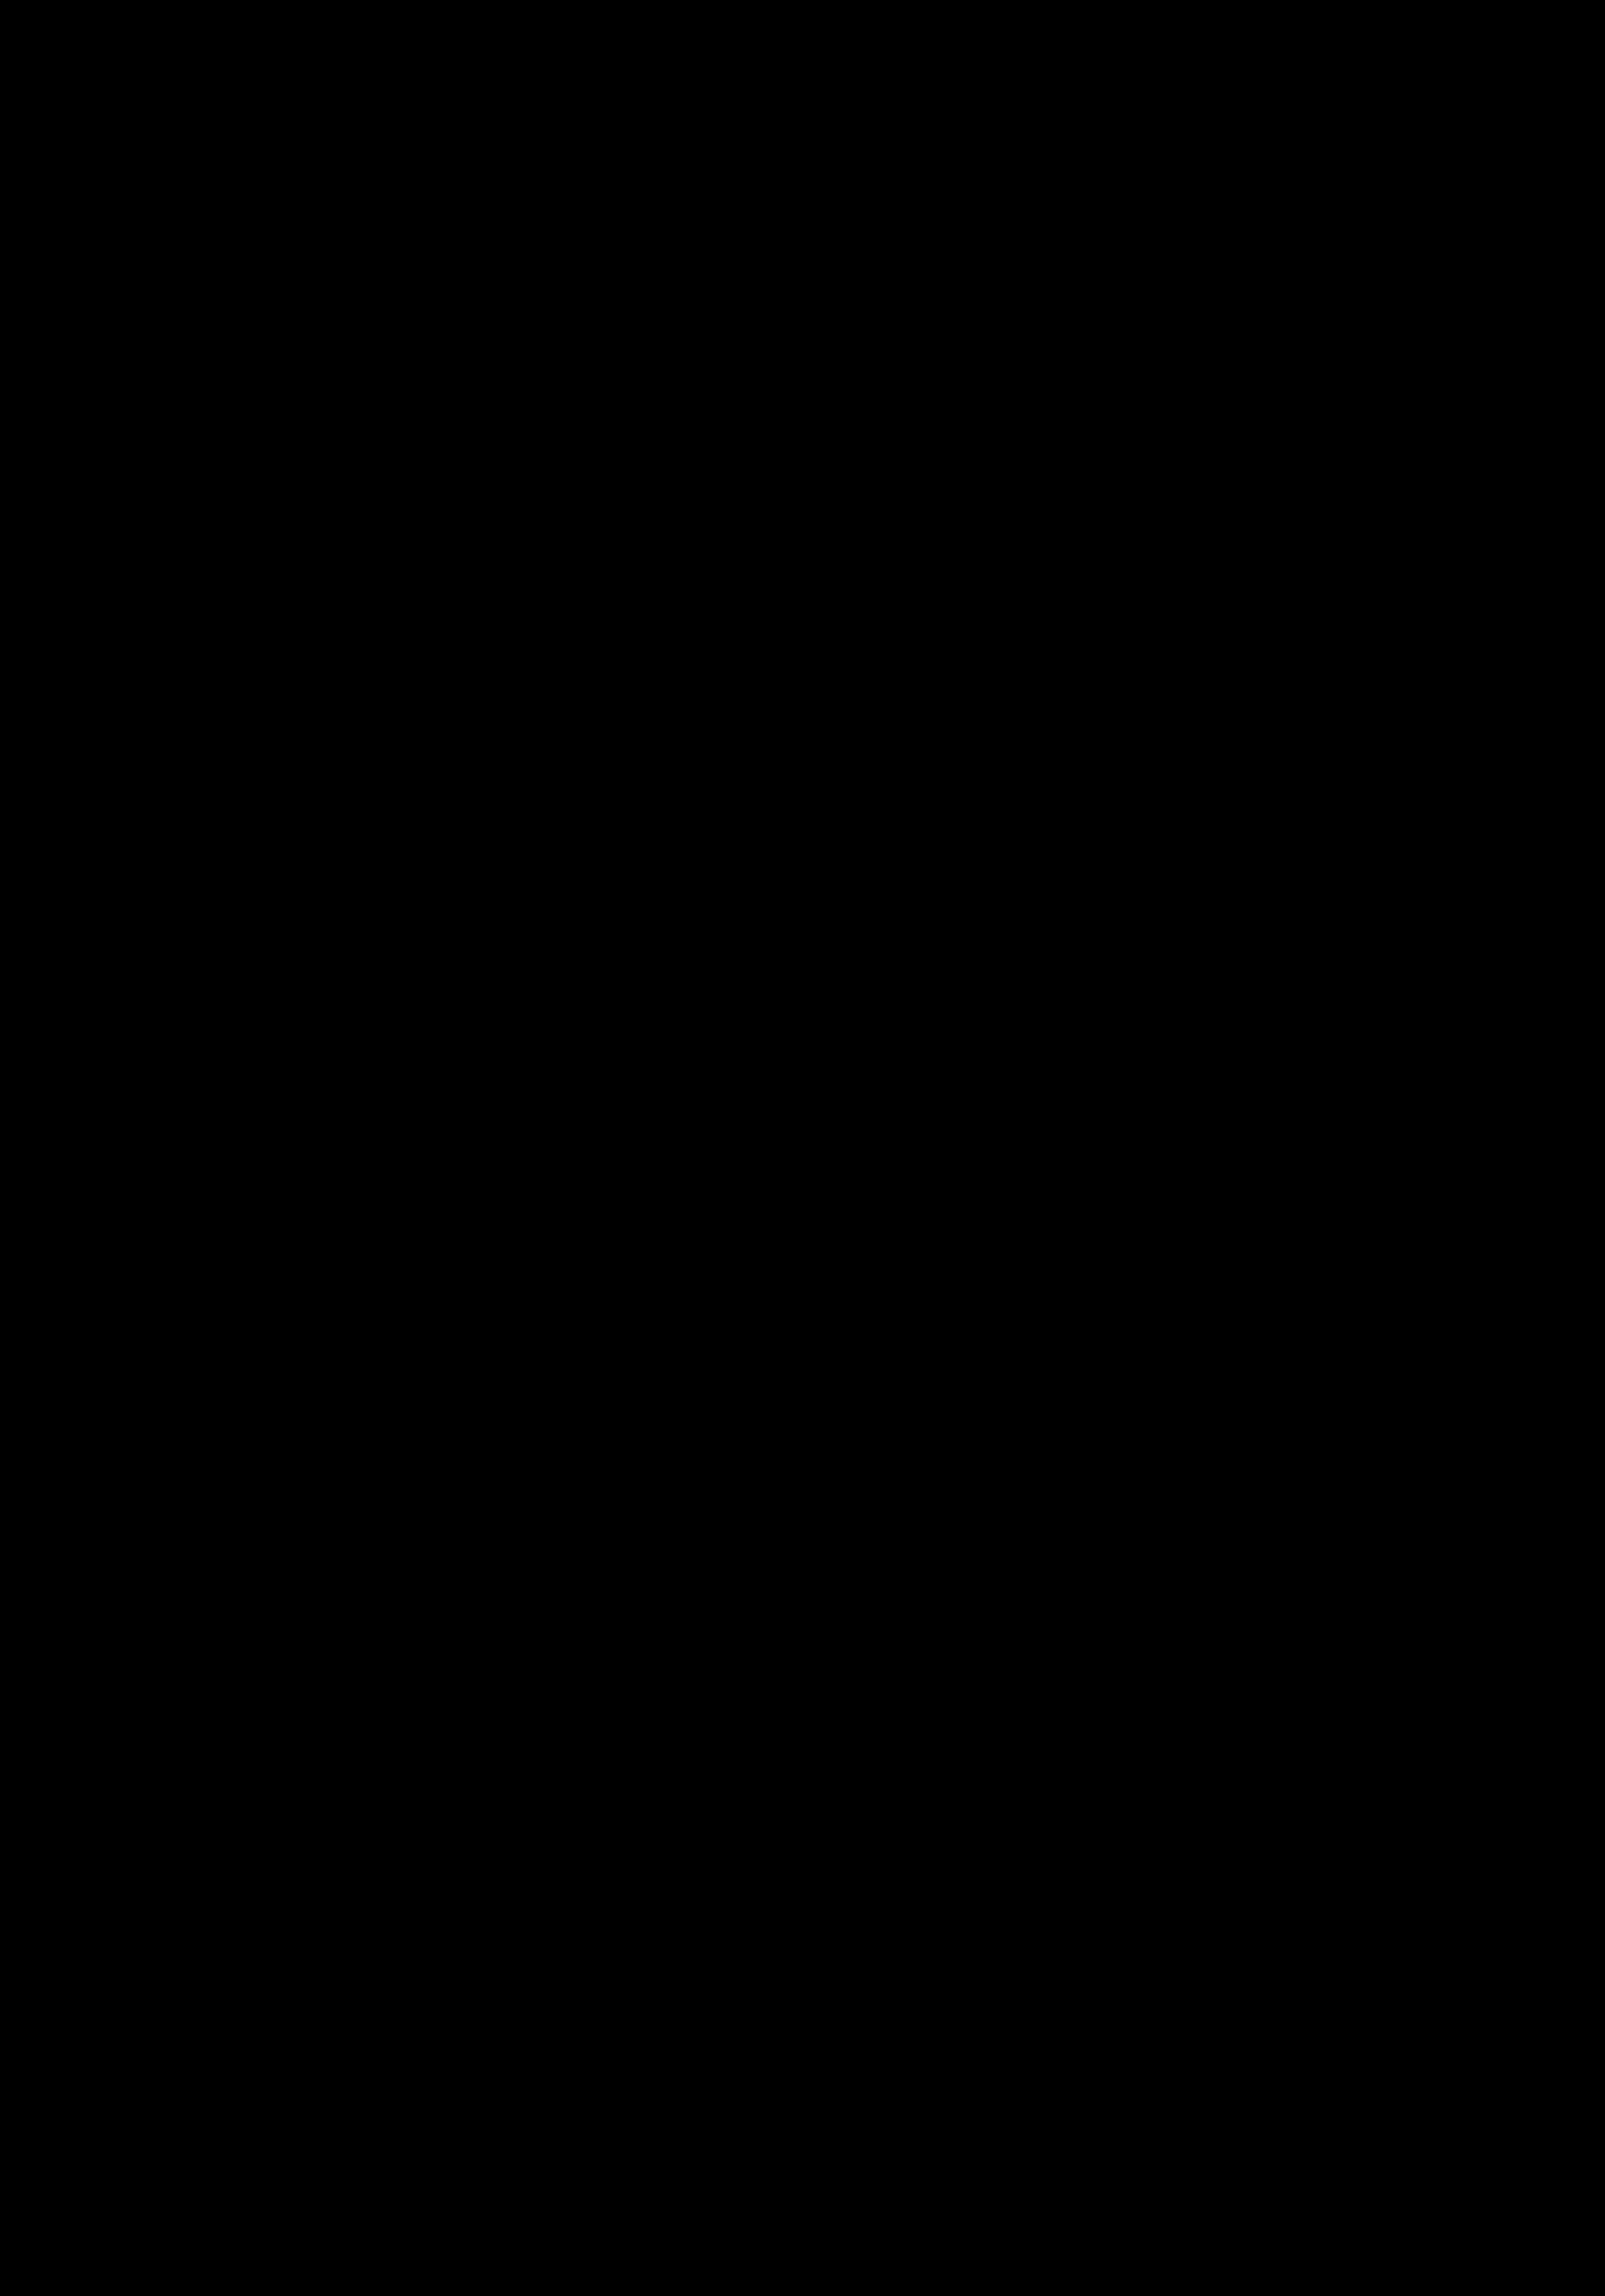 INFARTO, ¡NO VAYAS A LA LUZ! @ Auditorio Municipal